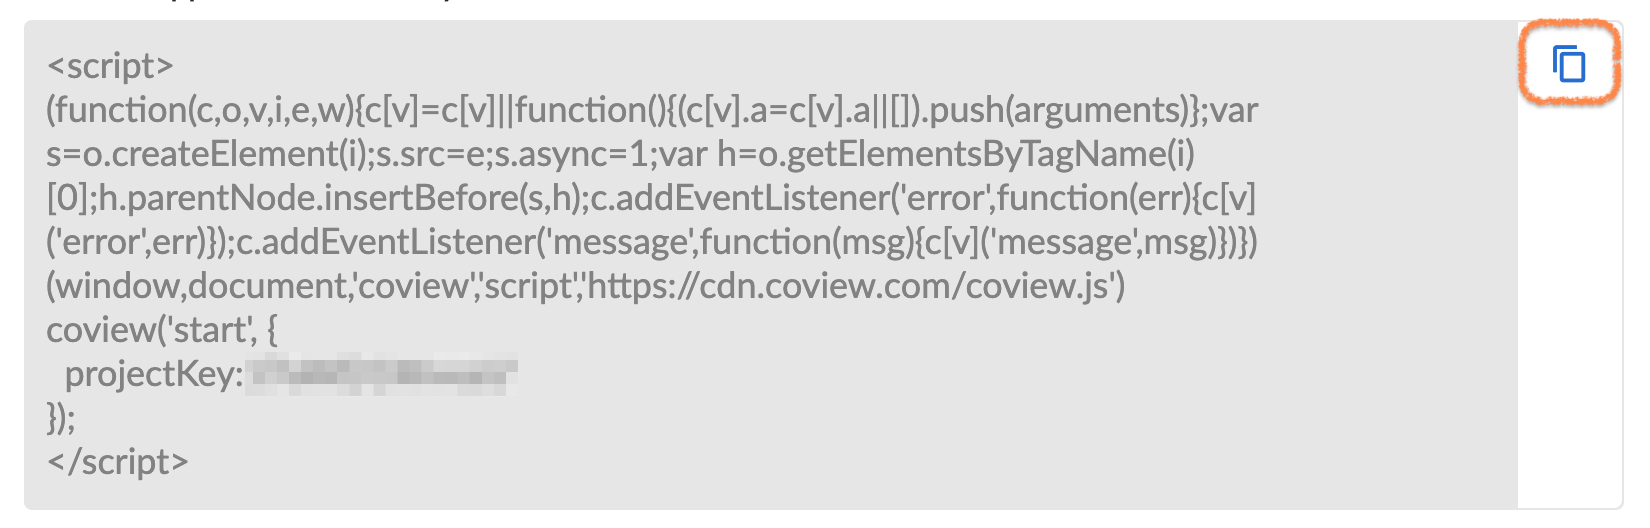 Coview widget code.